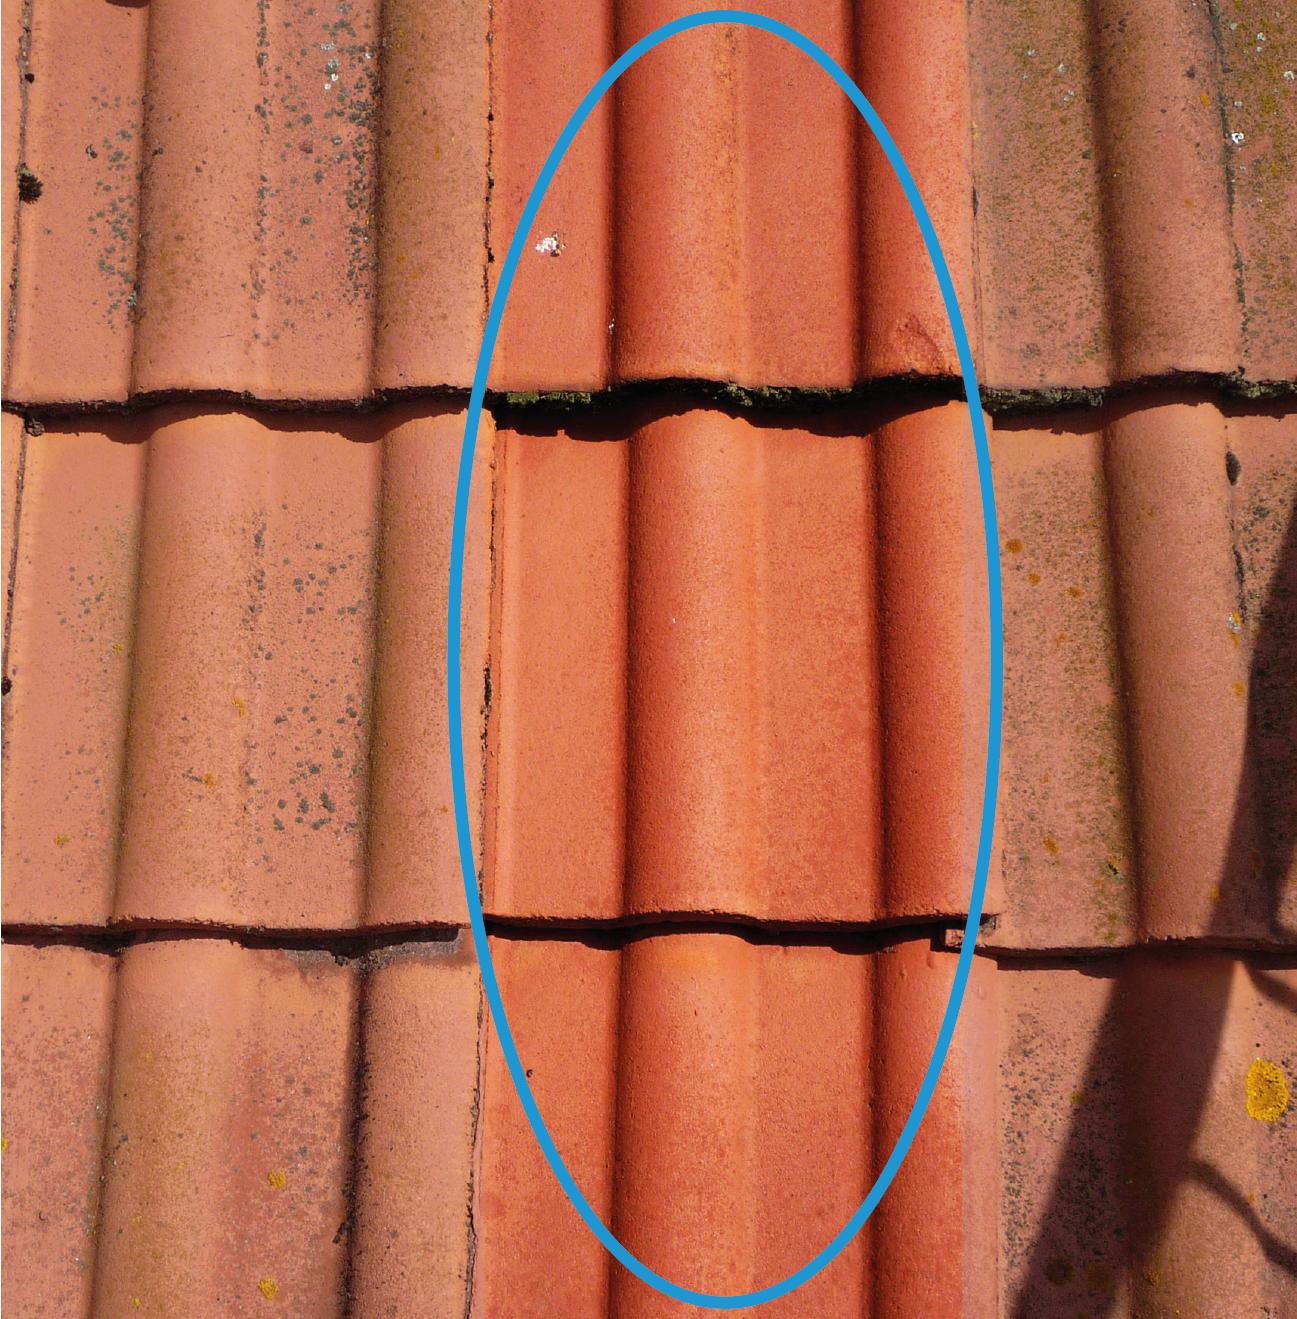 Abbildung 4: Mit CaF<sub>2</sub> imprägnierte Dachziegel (blauer Bereich) im Vergleich zu unbehandelten Ziegel (Zeitraum 2 Jahre)